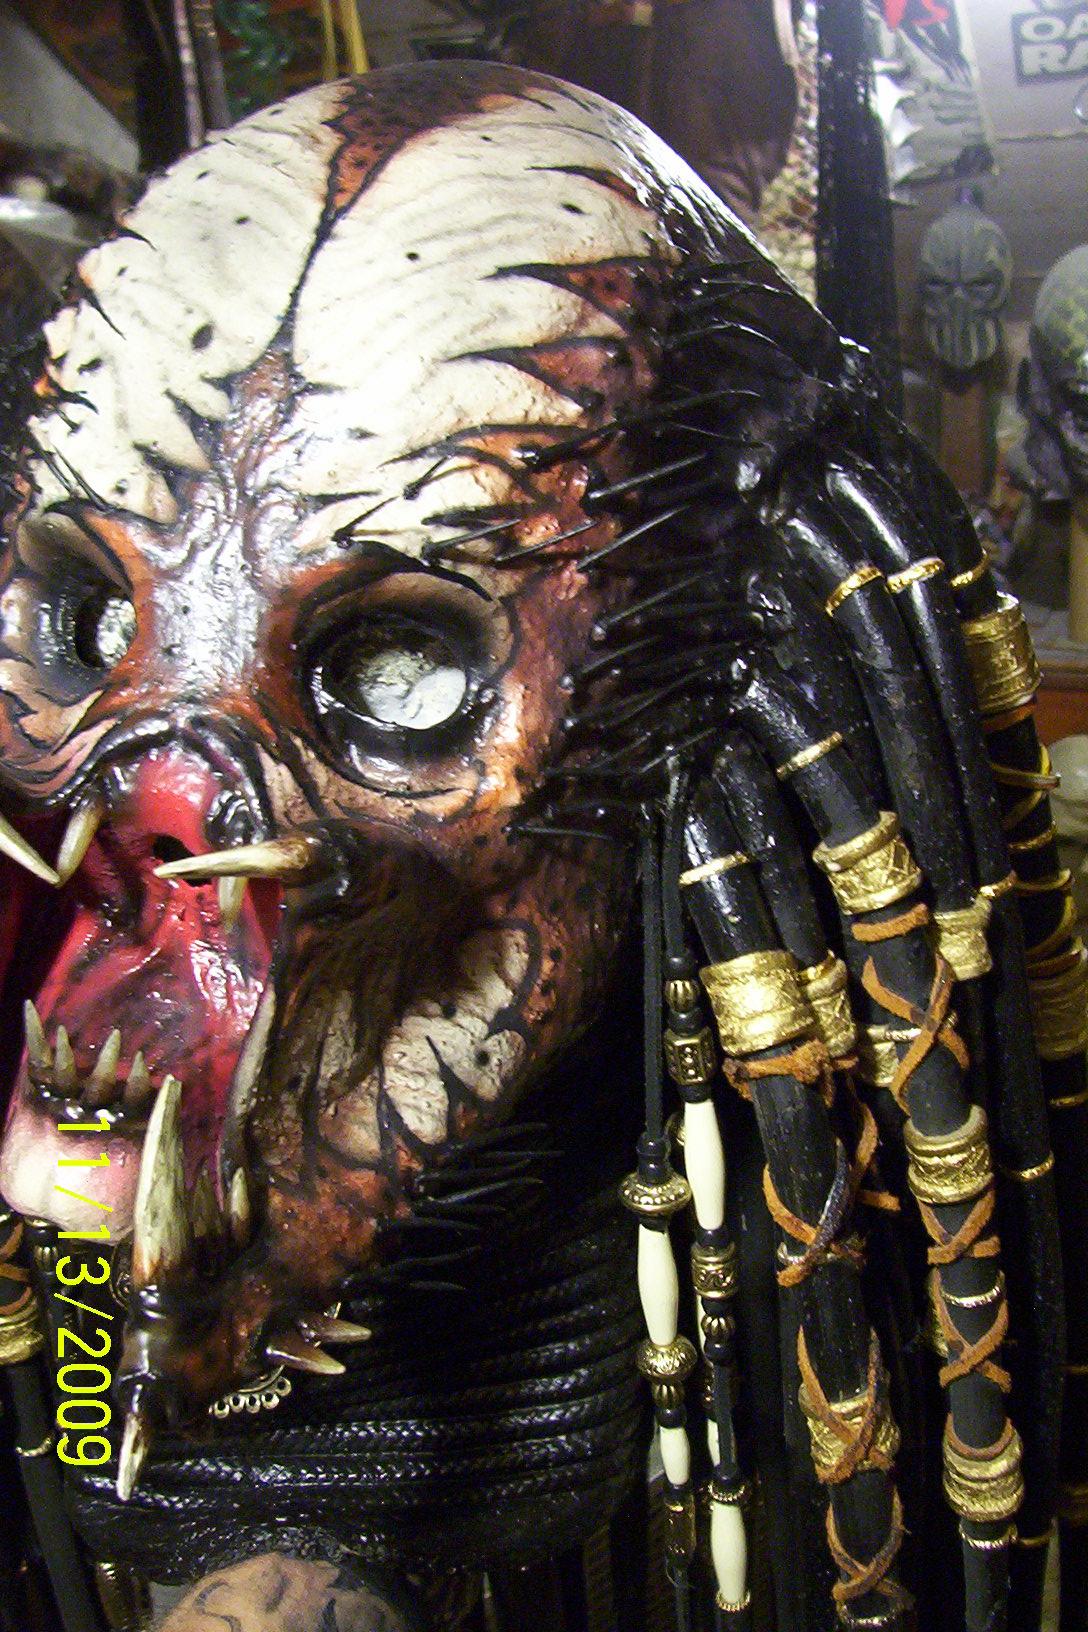 skulls_on_sticks_005.jpg